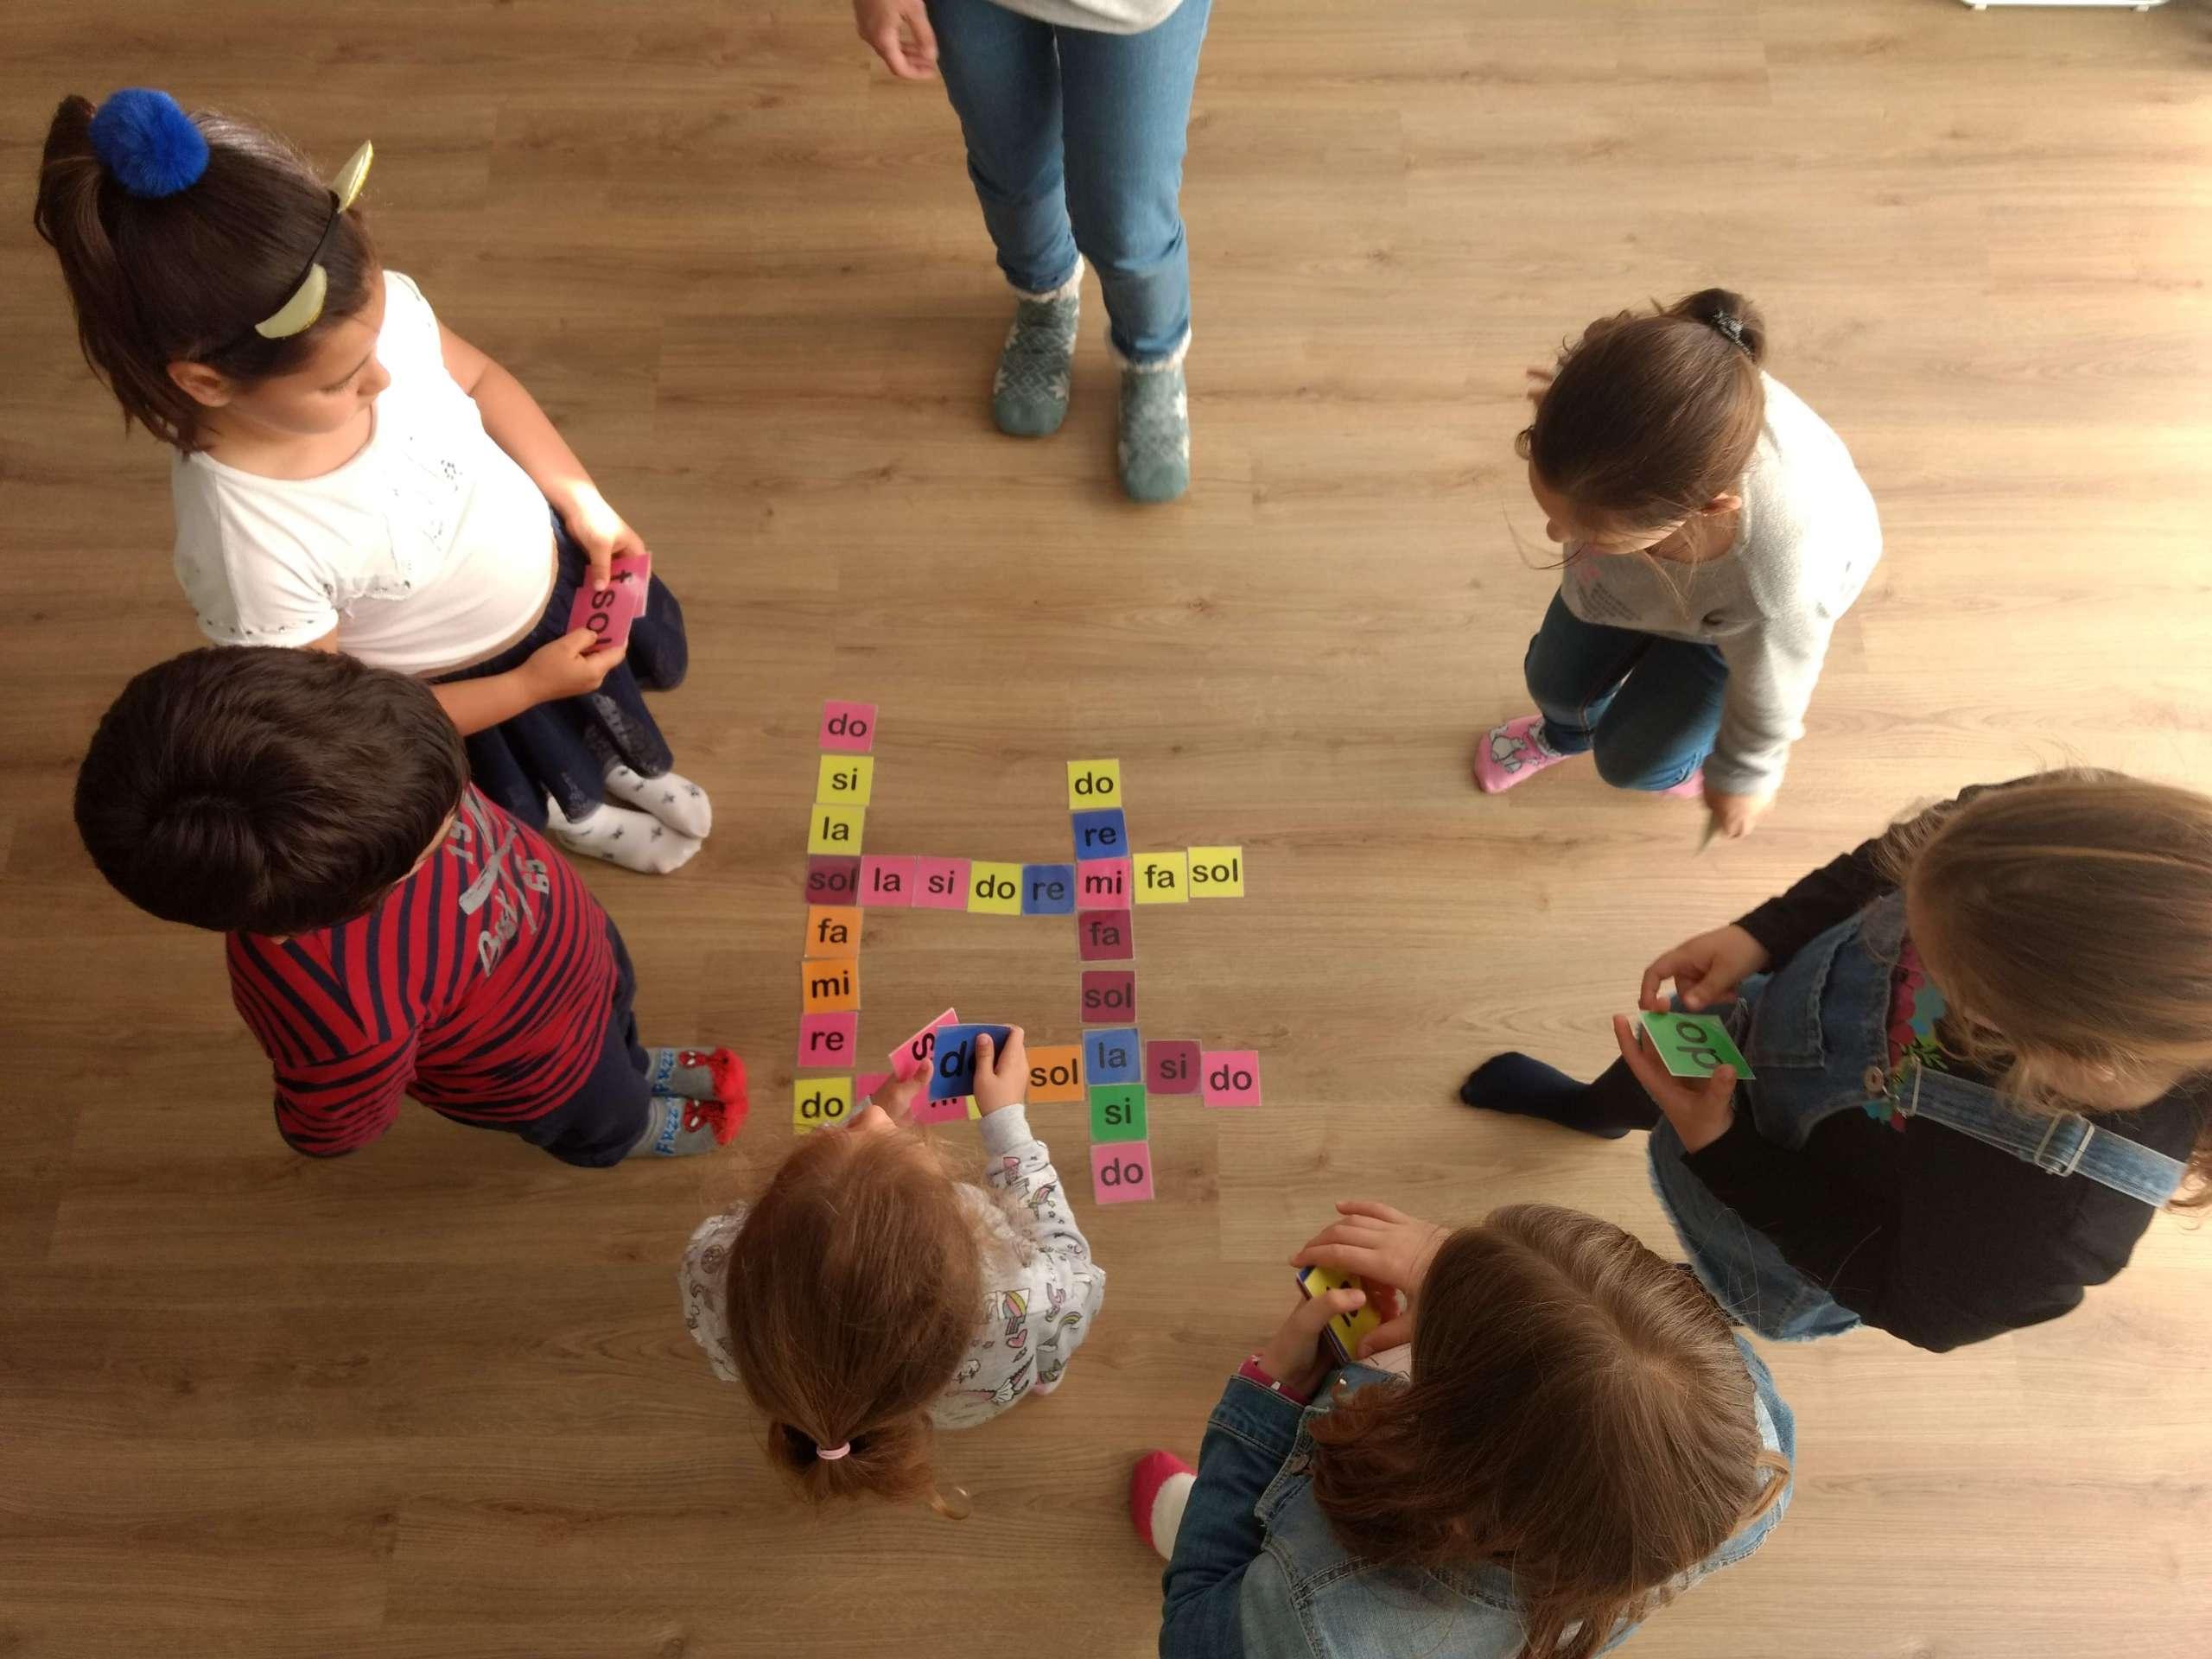 music mind games clases de iniciación musical a partir de 3 años lenguaje musical murcia